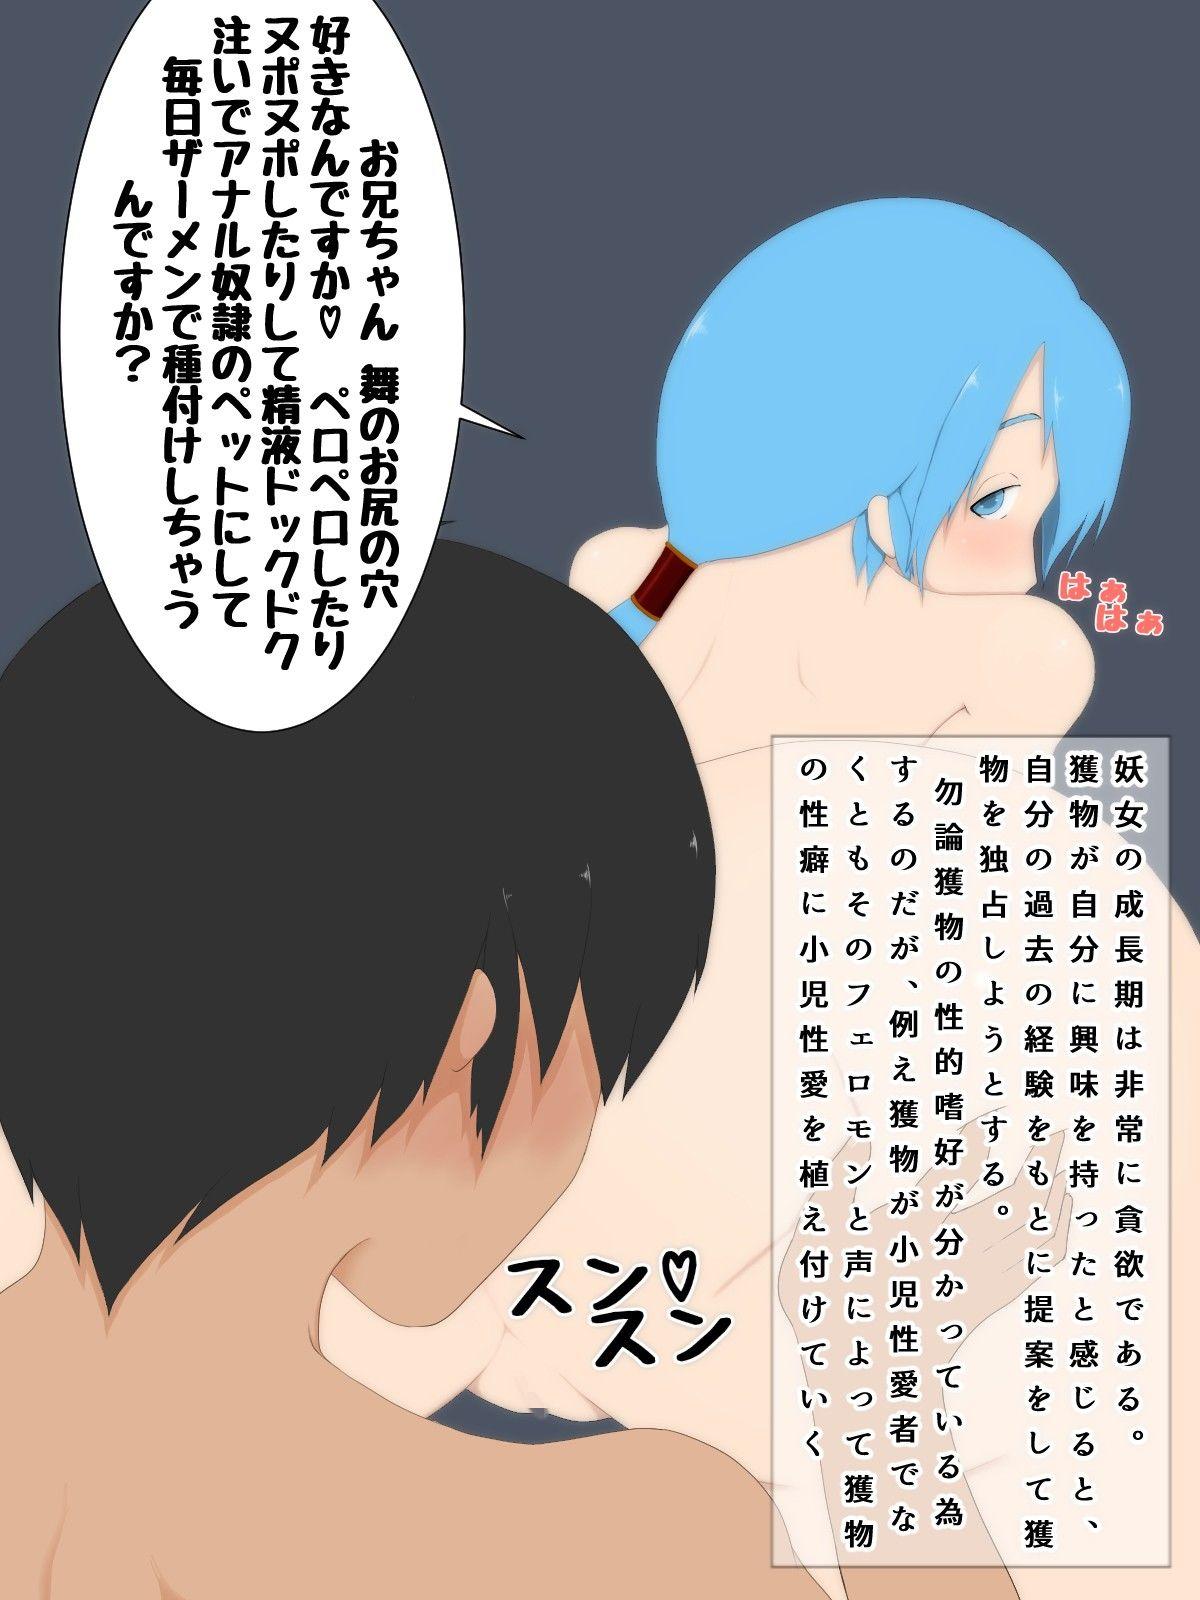 同人ガール:[同人]「妖女の巣(三姉妹)」(アクシニー)